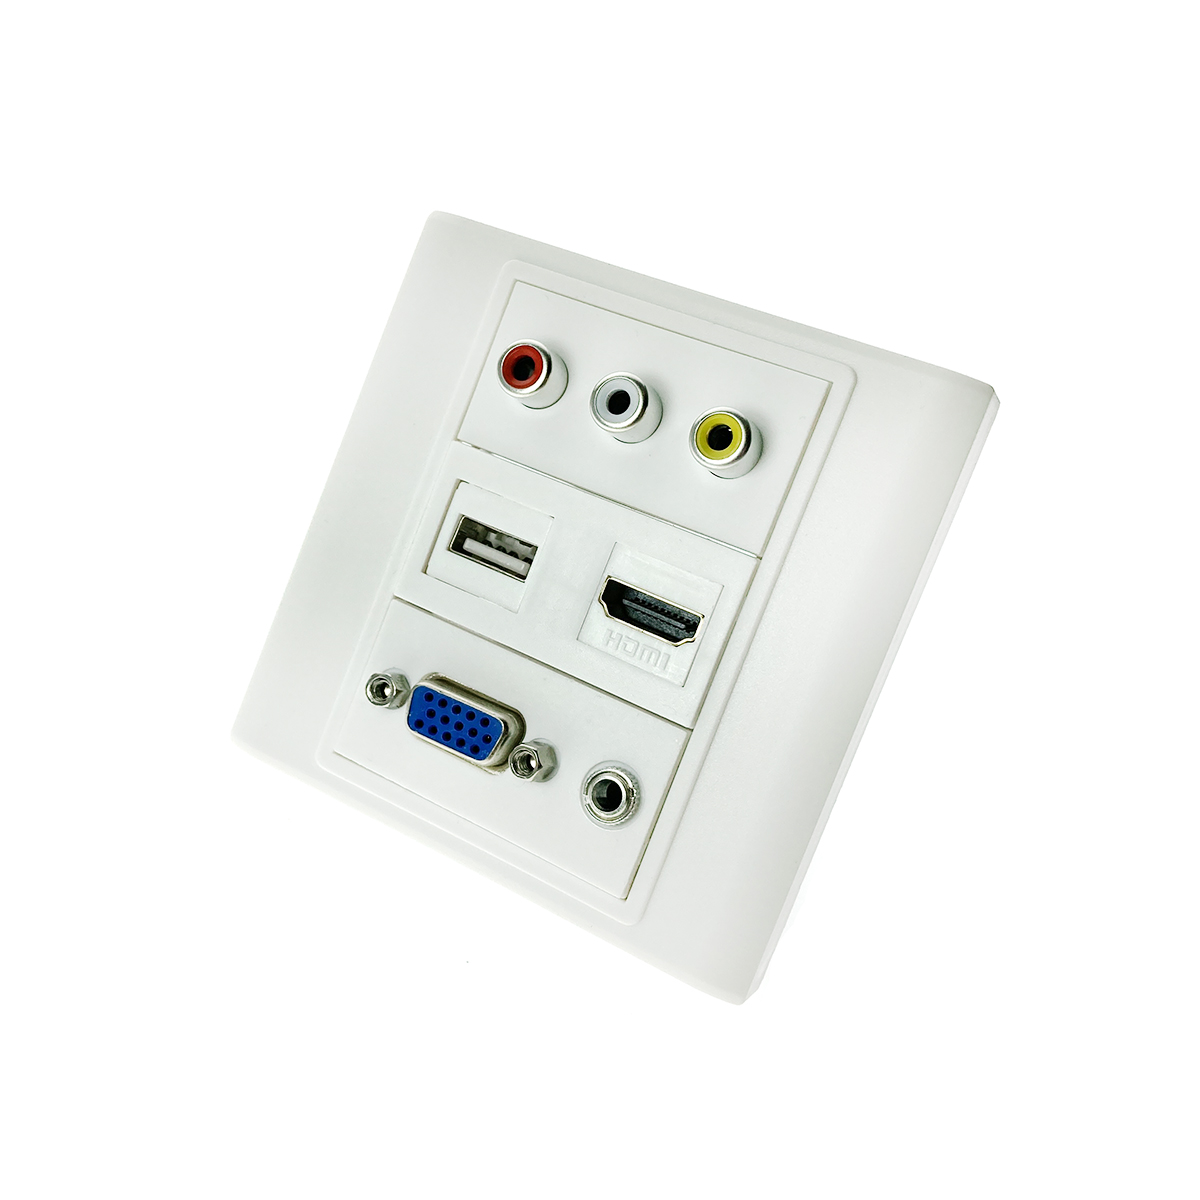 Настенная панель - переходник RCA+USB+VGA+3.5мм, Espada EWPRCAUSBVGA3.5 для скрытой проводки